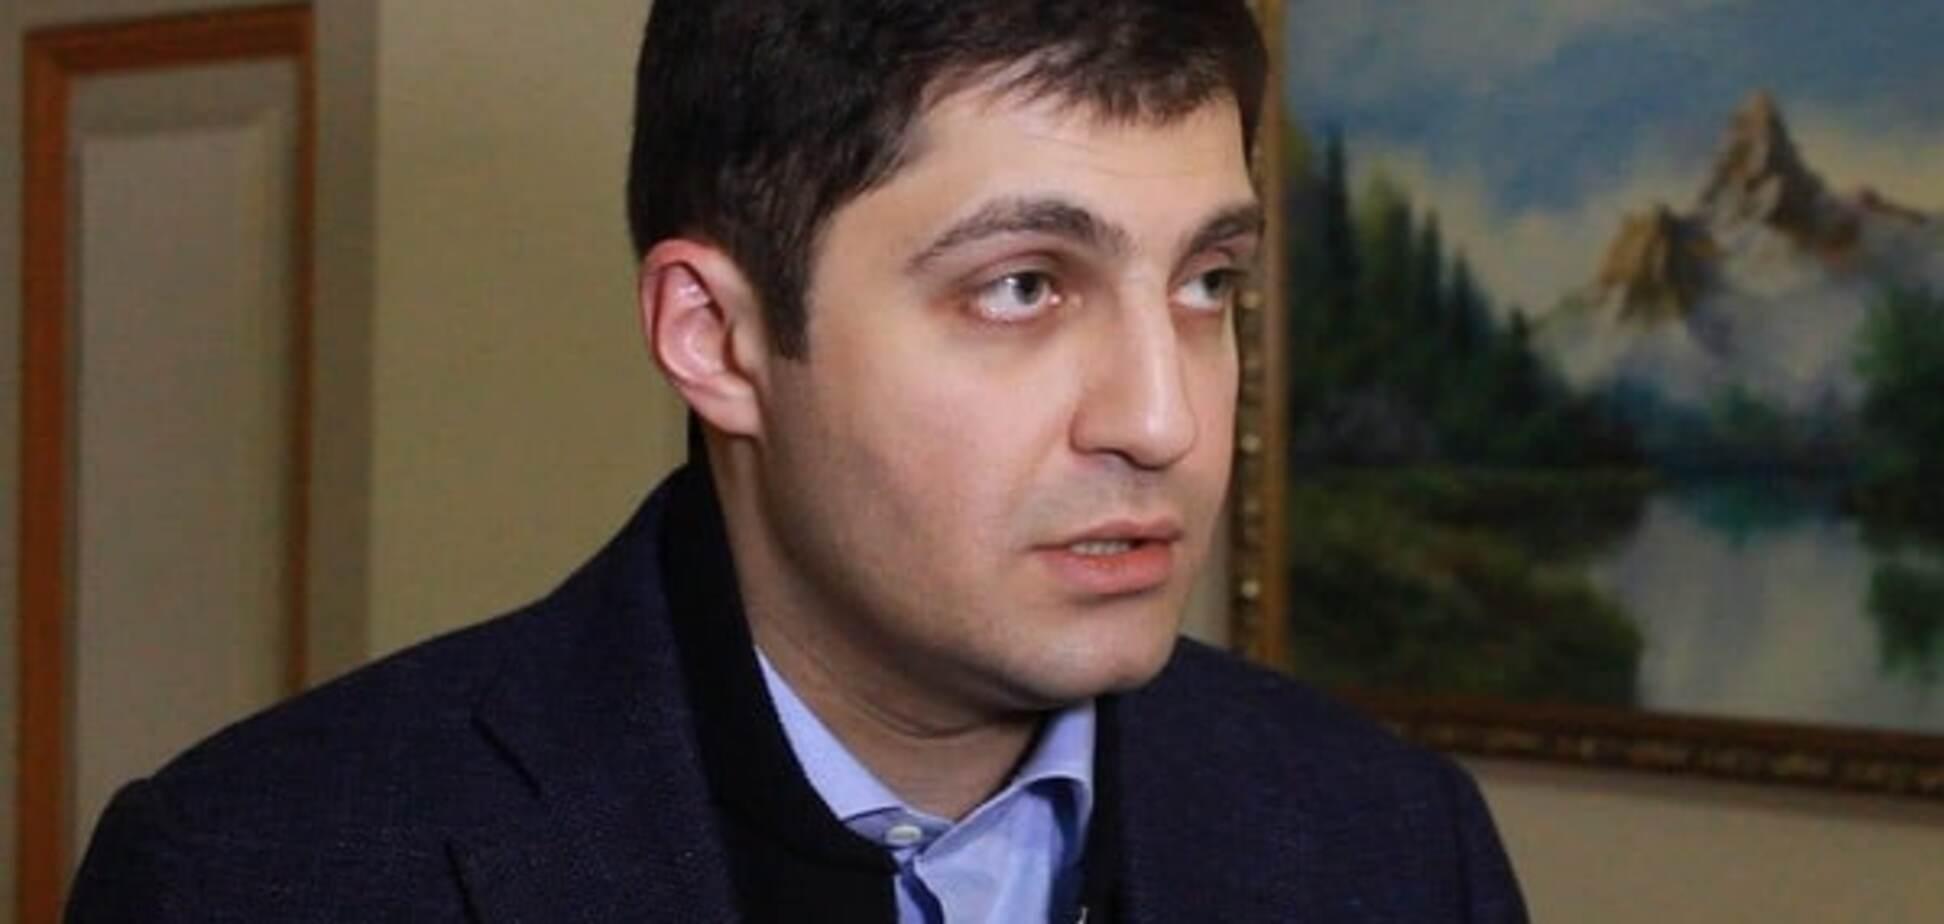 Сакварелидзе ответил Яценюку на 'гастролеров': вы, наверное, не поняли, кто мы такие